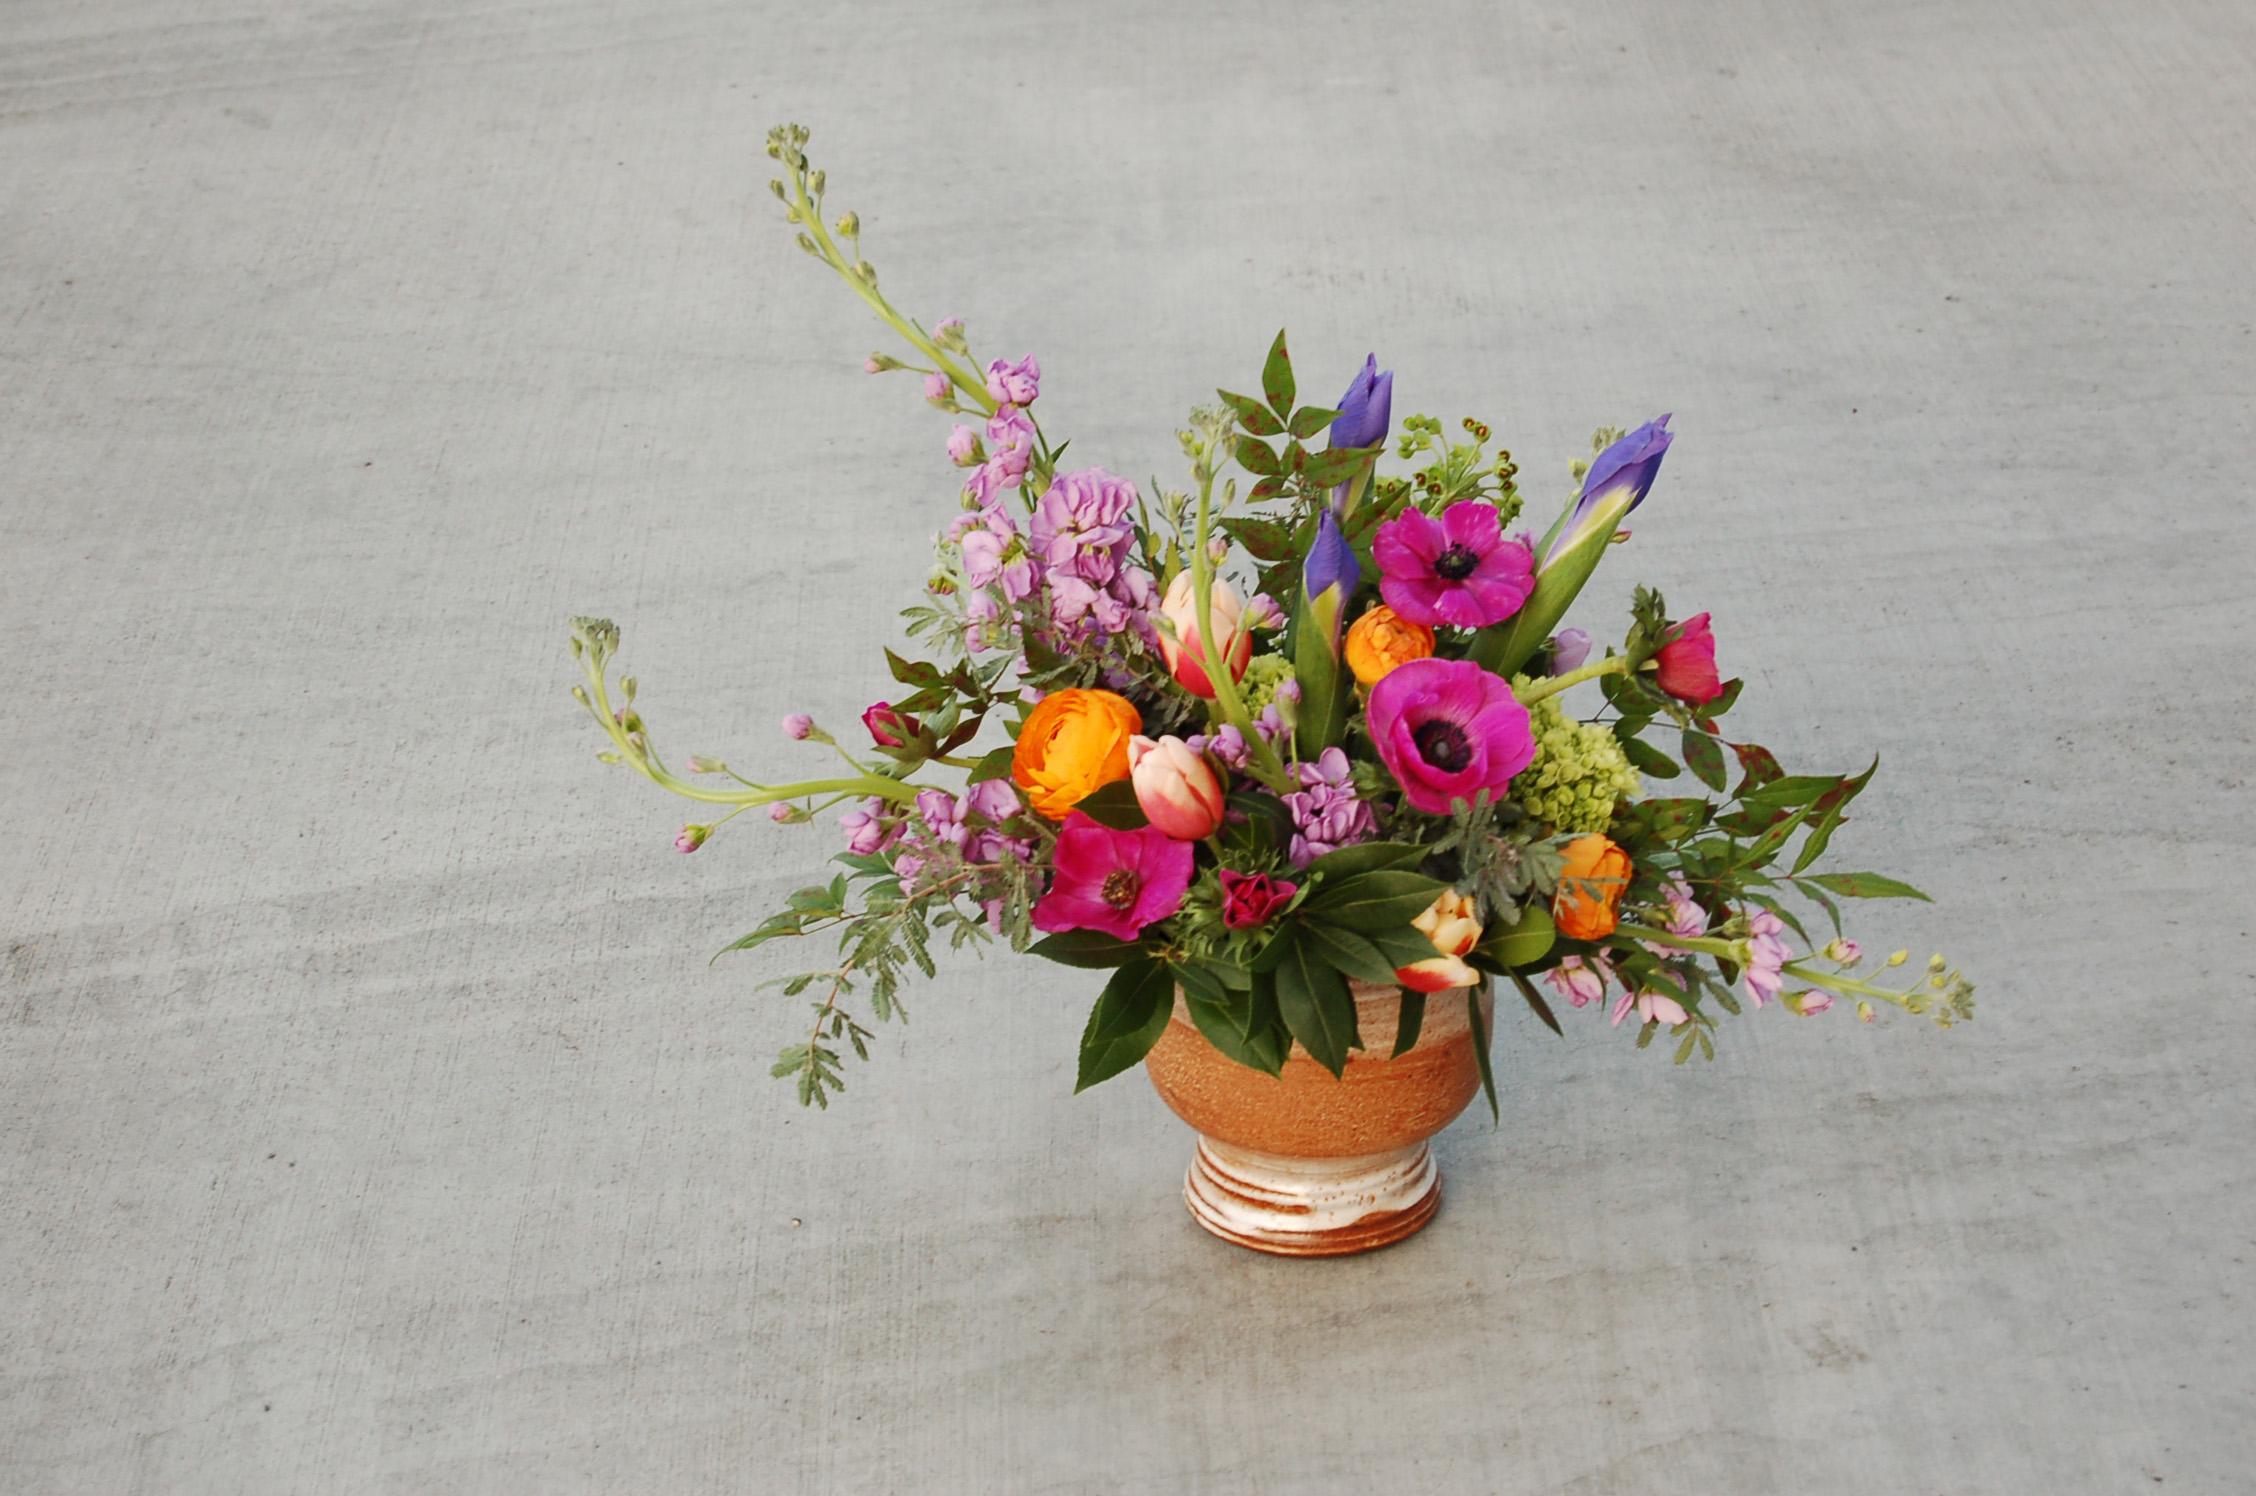 flowers for baby.jpg